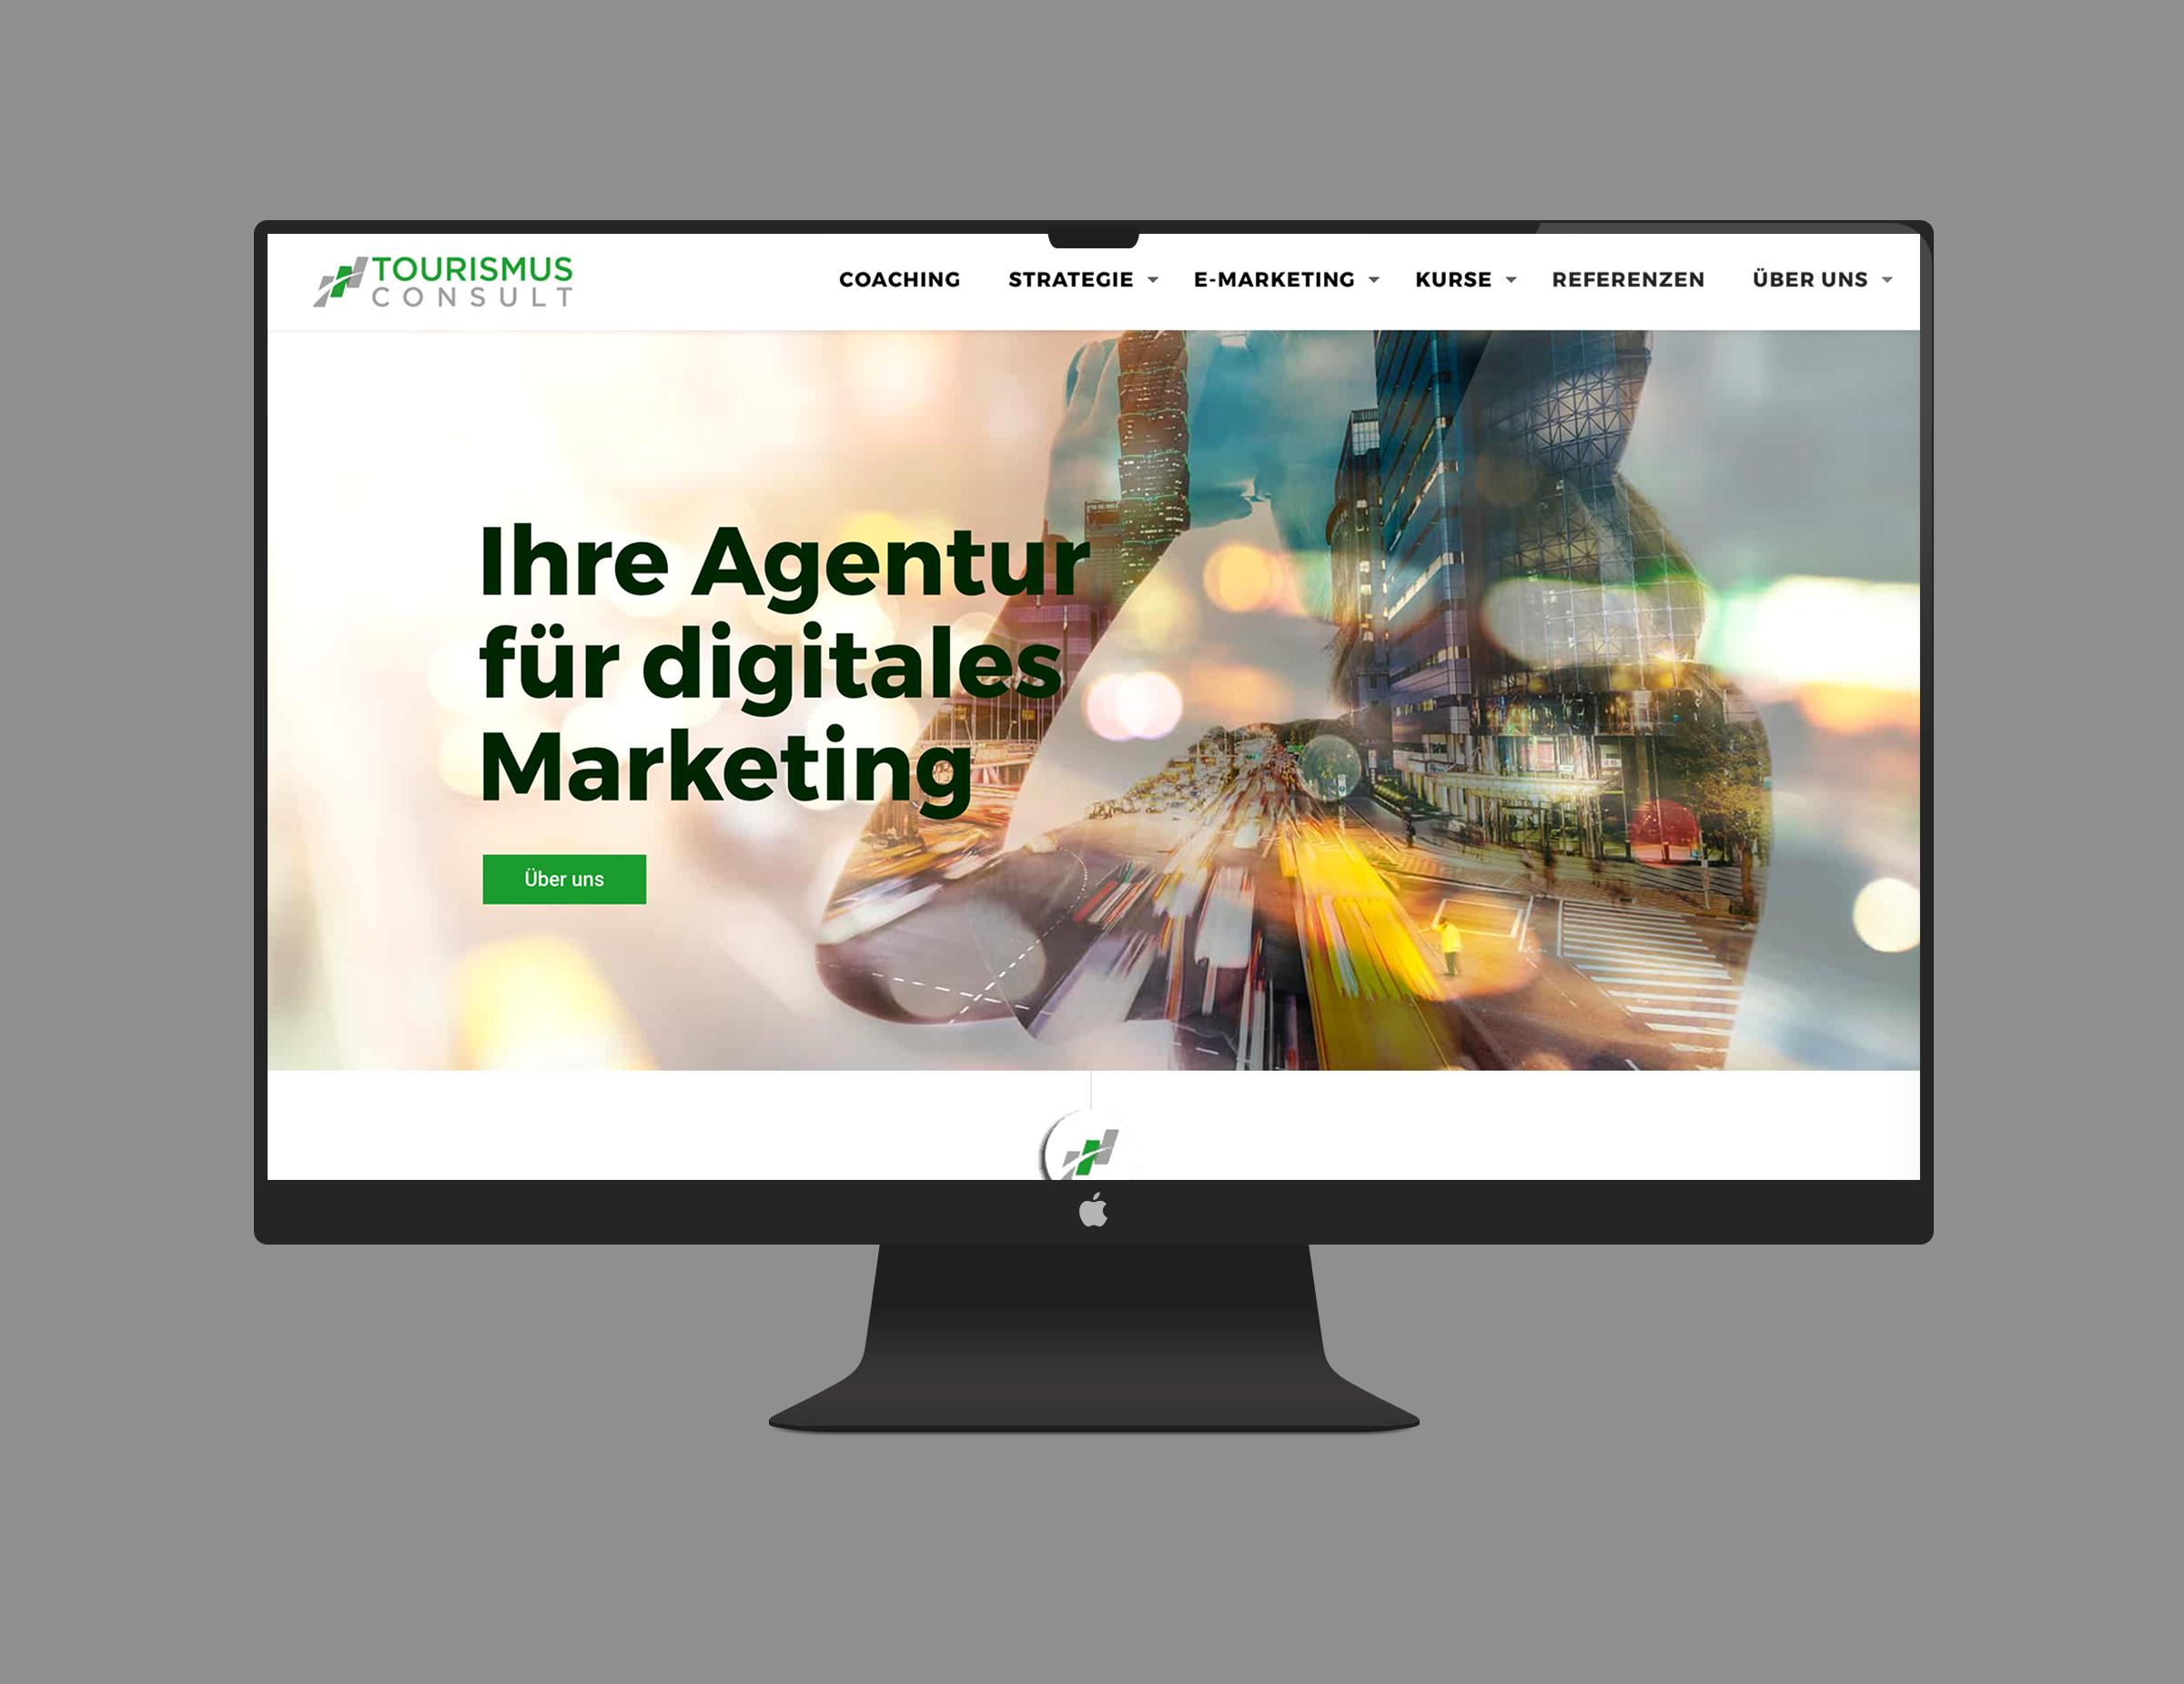 webdesign-webinspiration-gigermiesch